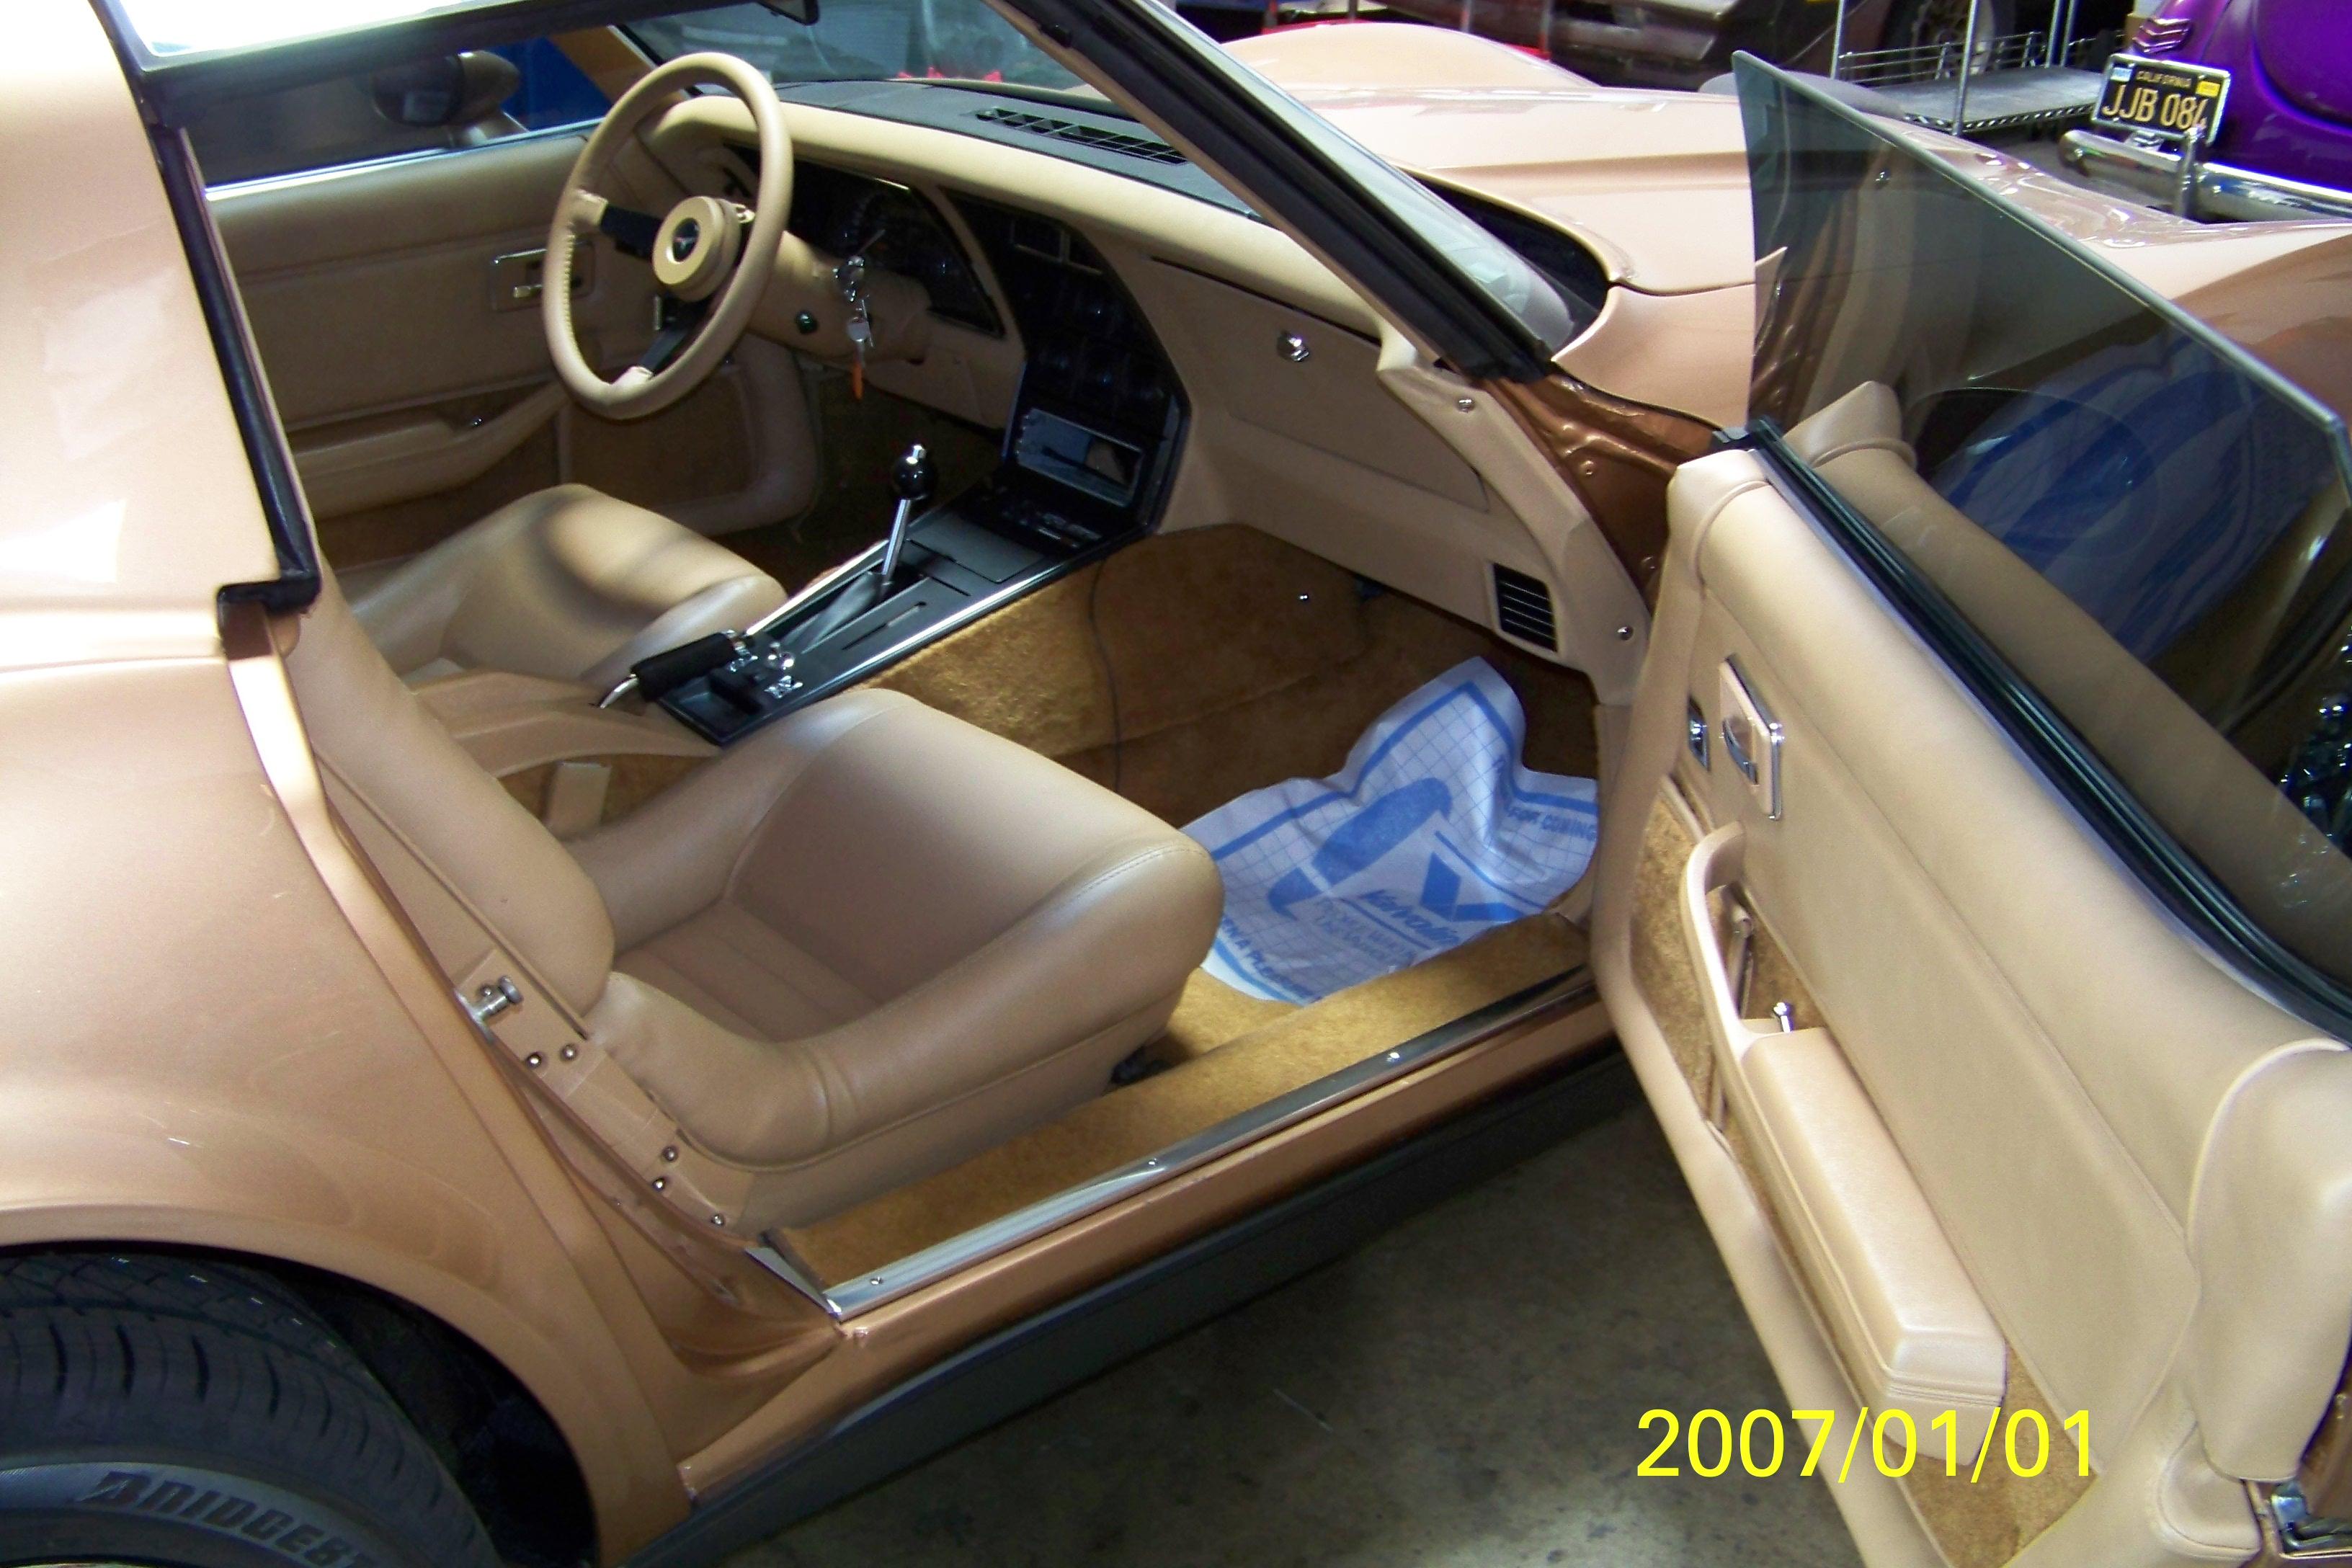 restoration-of-gold-car-099